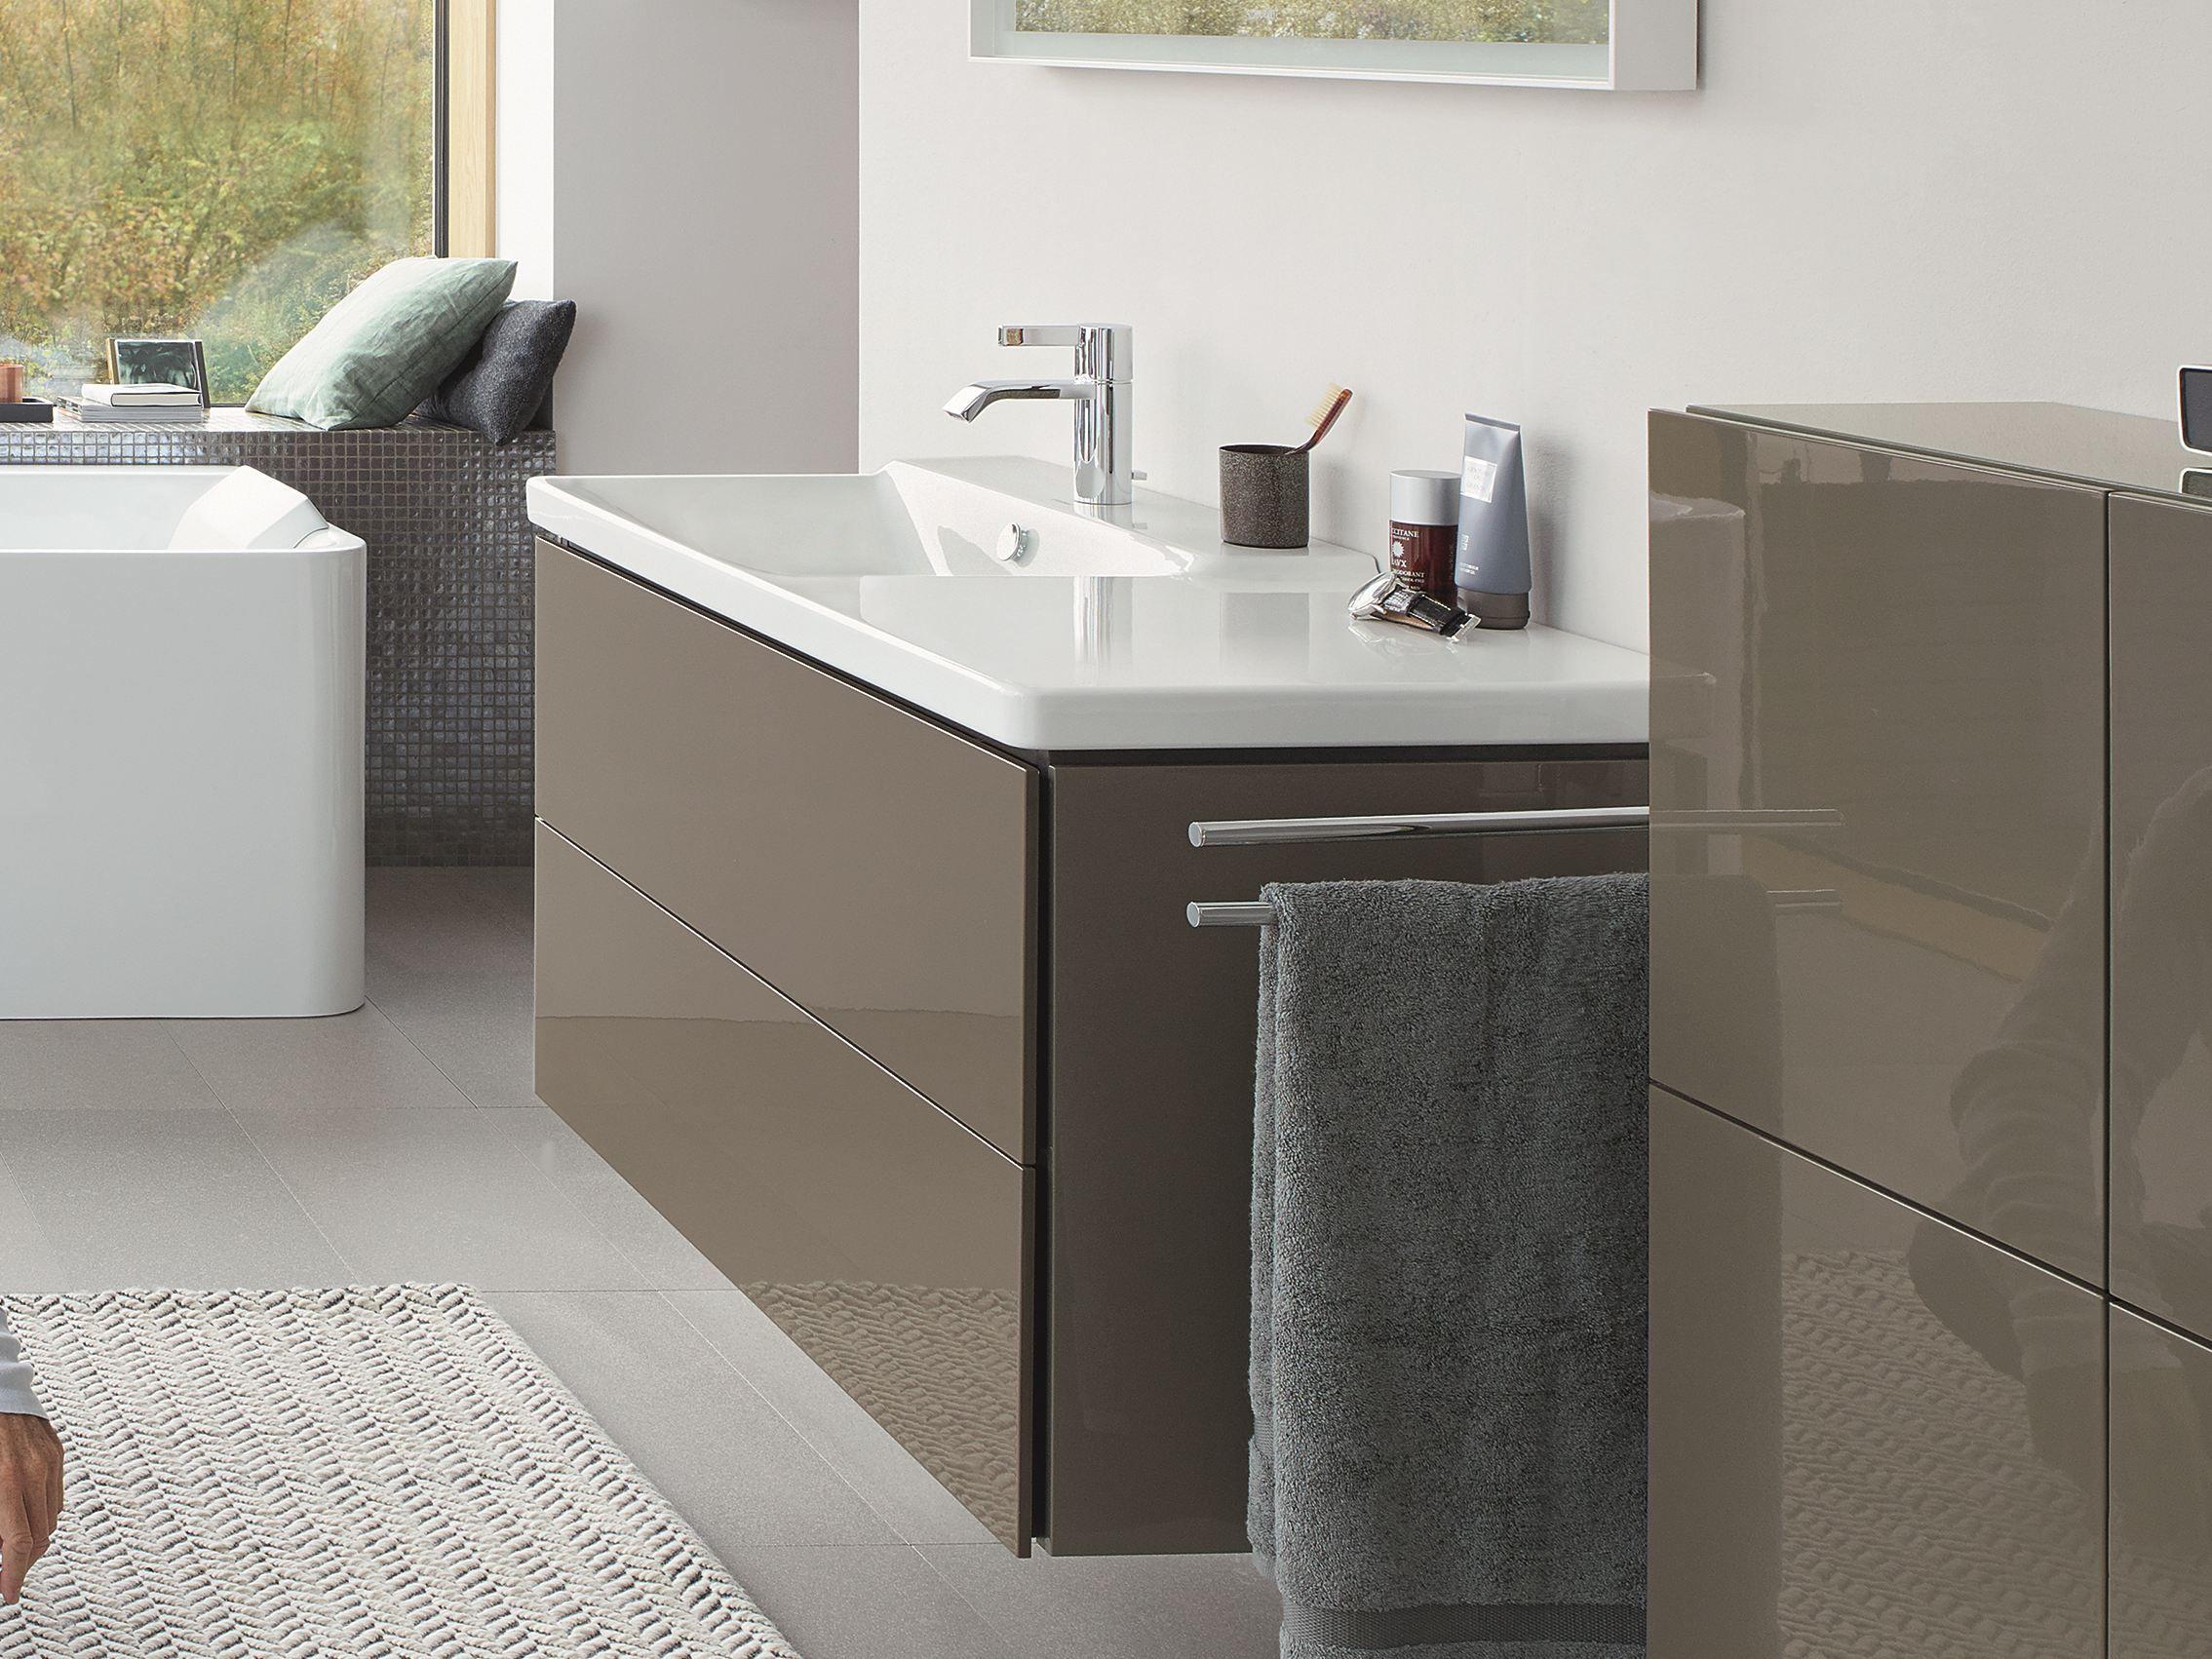 P3 COMFORTS | Washbasin with integrated countertop | Duravit ... | {Doppelwaschtisch aufsatzwaschbecken duravit 91}